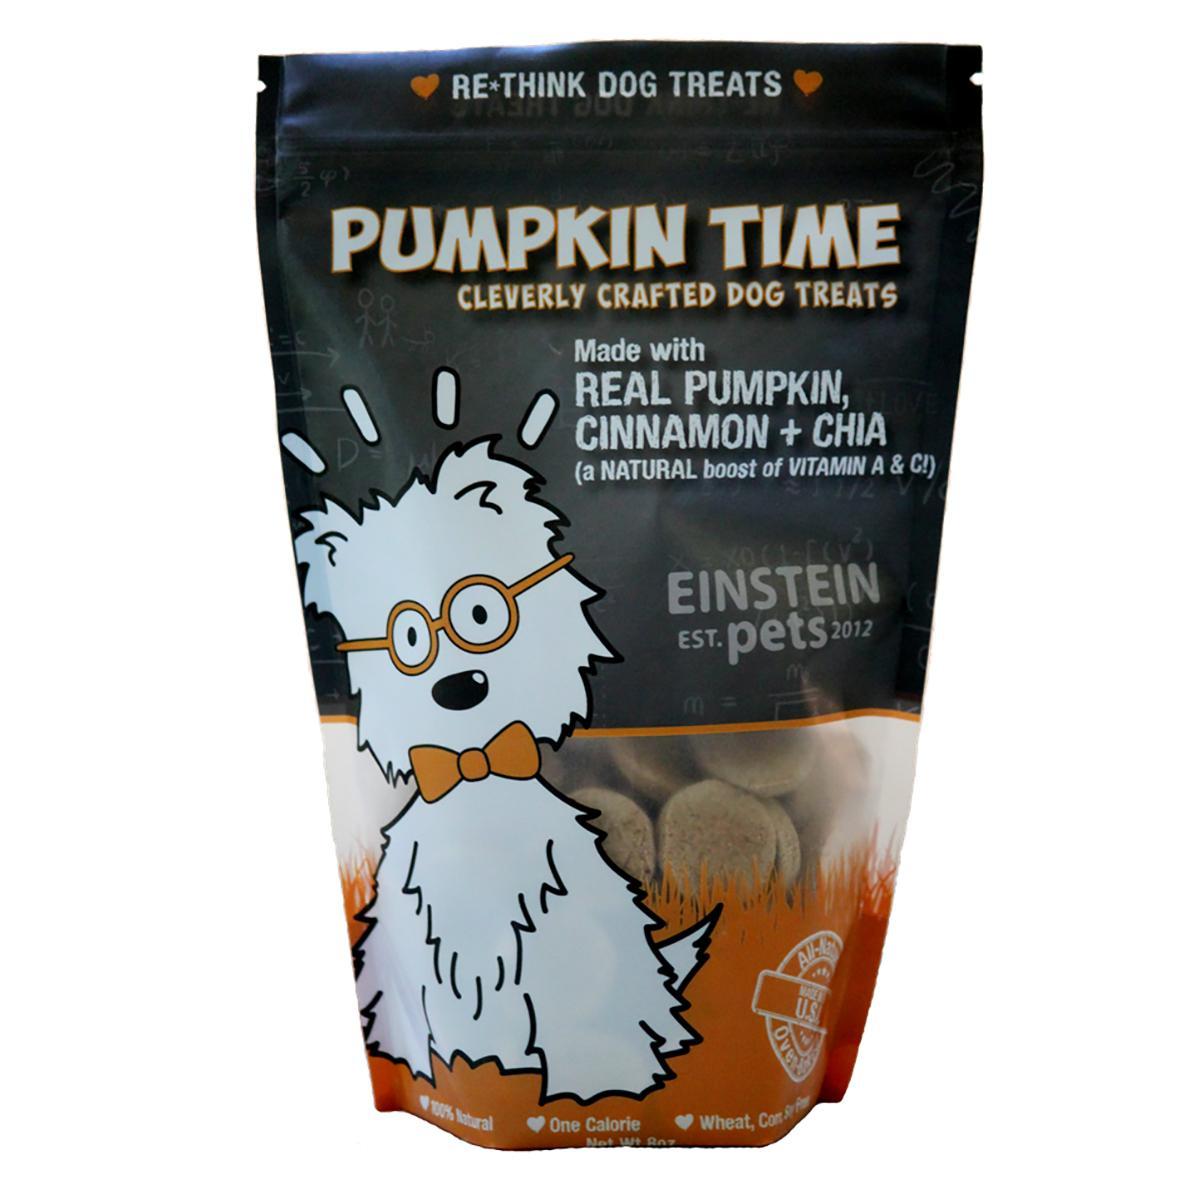 Einstein Pets Pumpkin Time Dog Treat